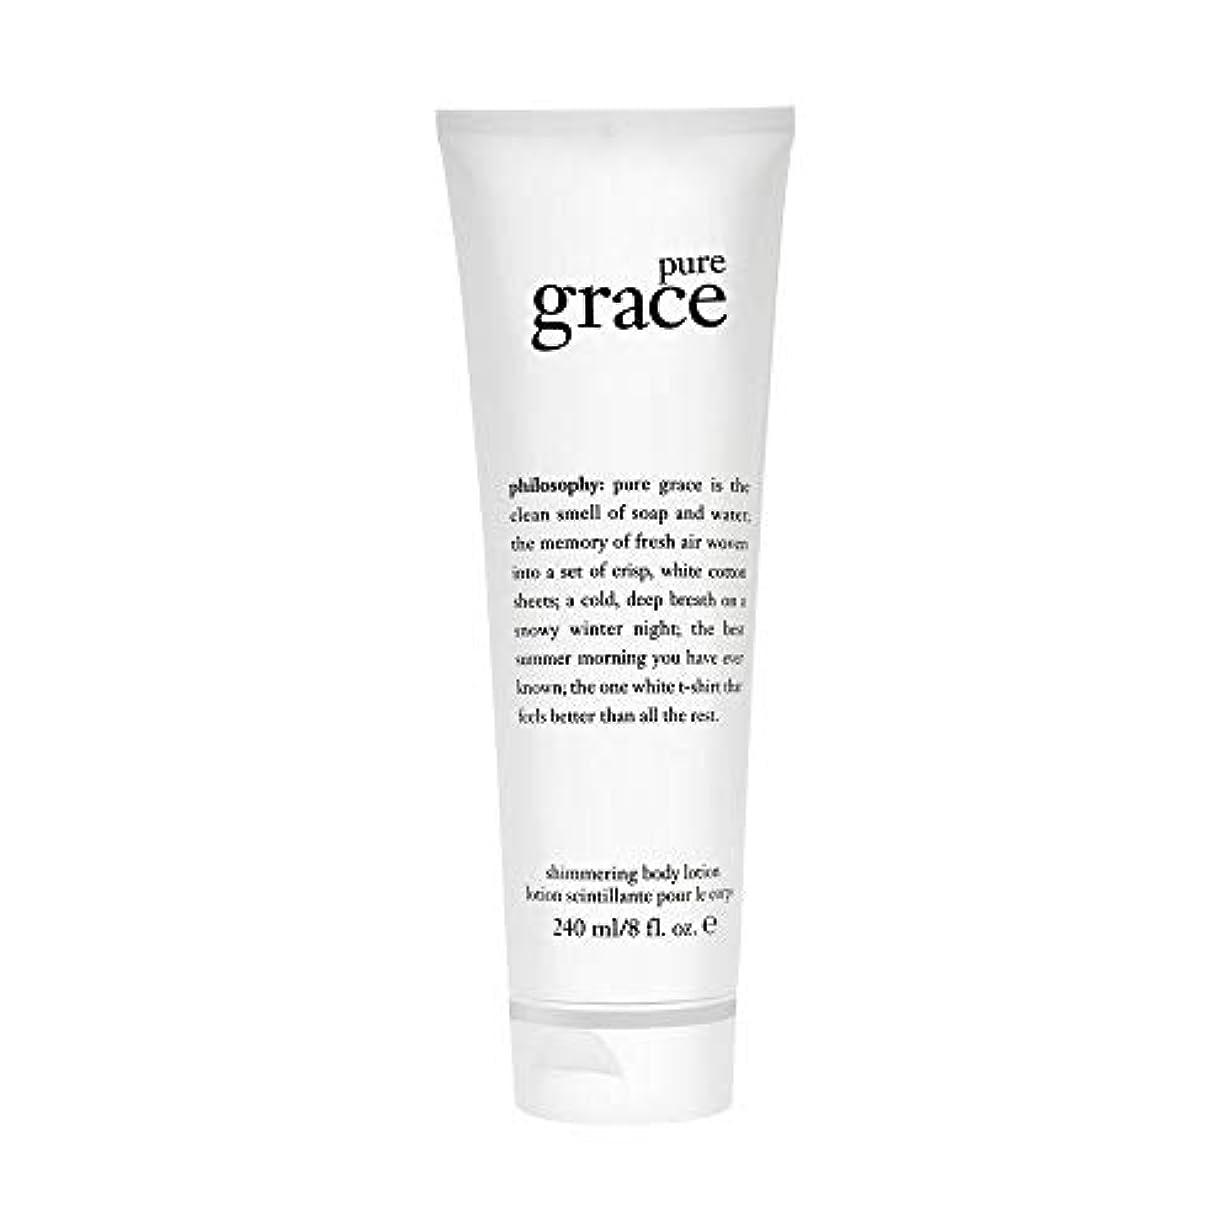 ロッドひも消去Pure Grace Nude Rose(ピュアグレイス ヌード ローズ ) 8.0 oz (240ml) Body Lotion for Women